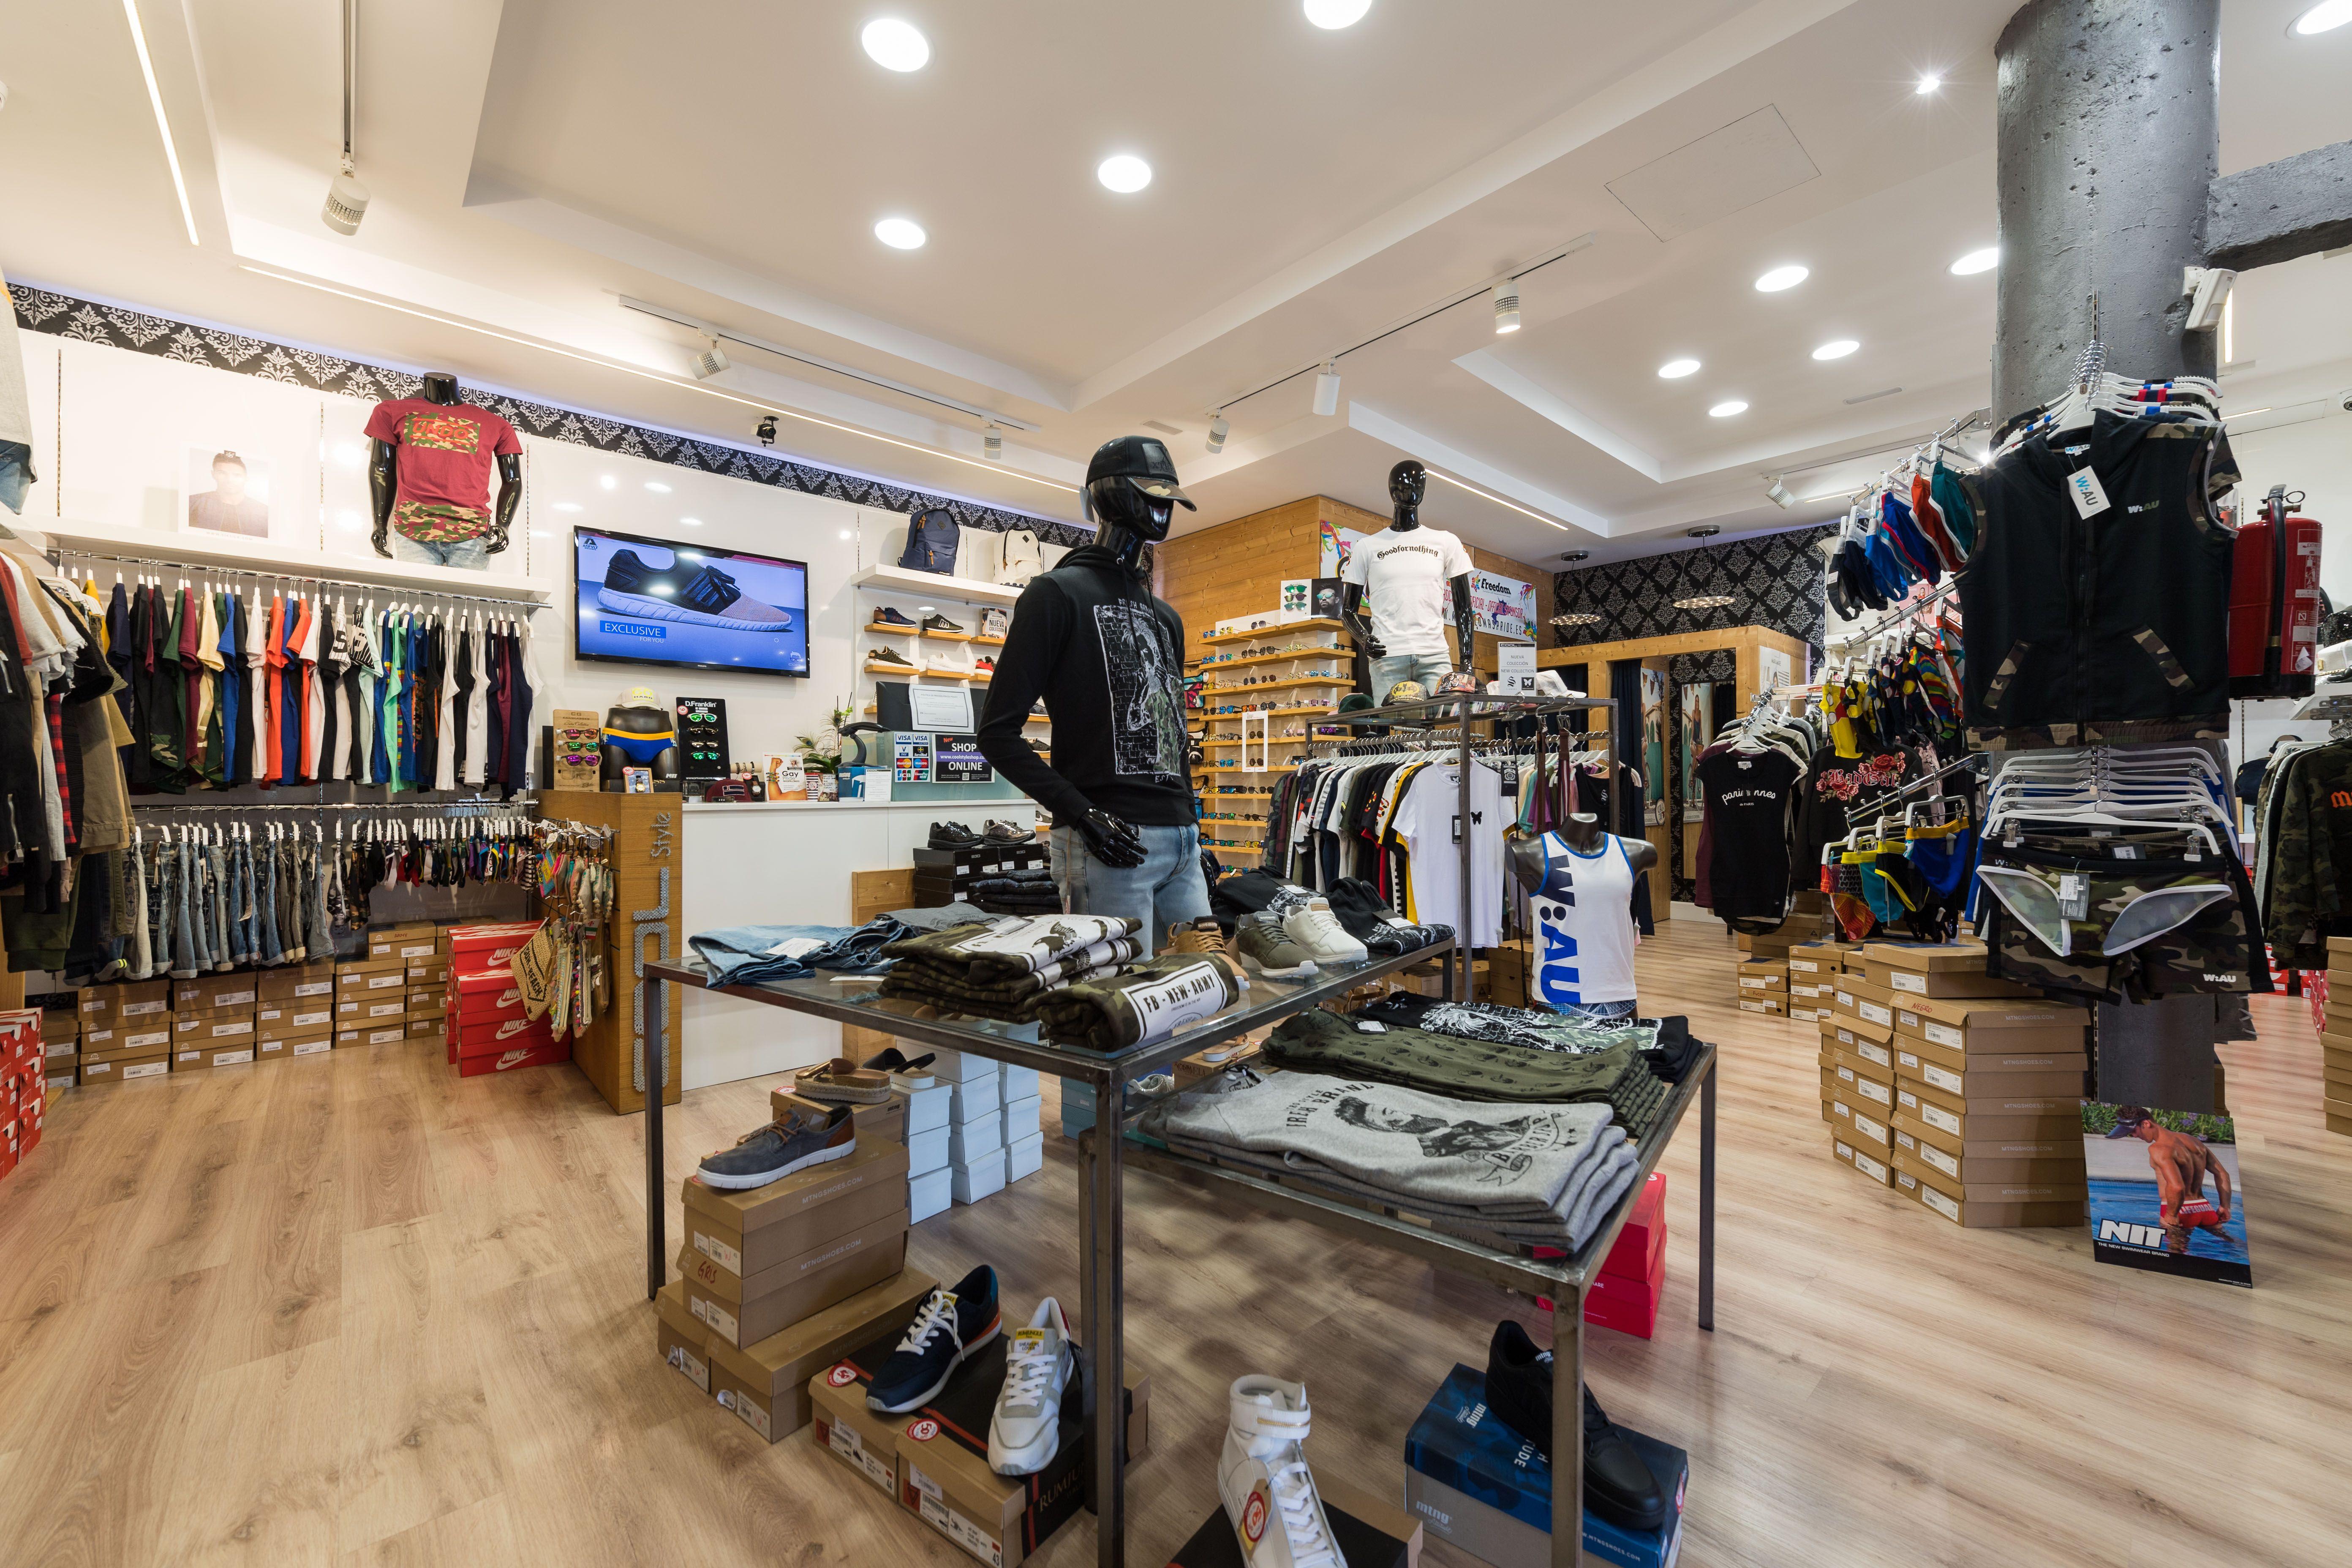 Descubre nuestra moda casual en Las Palmas de Gran Canaria